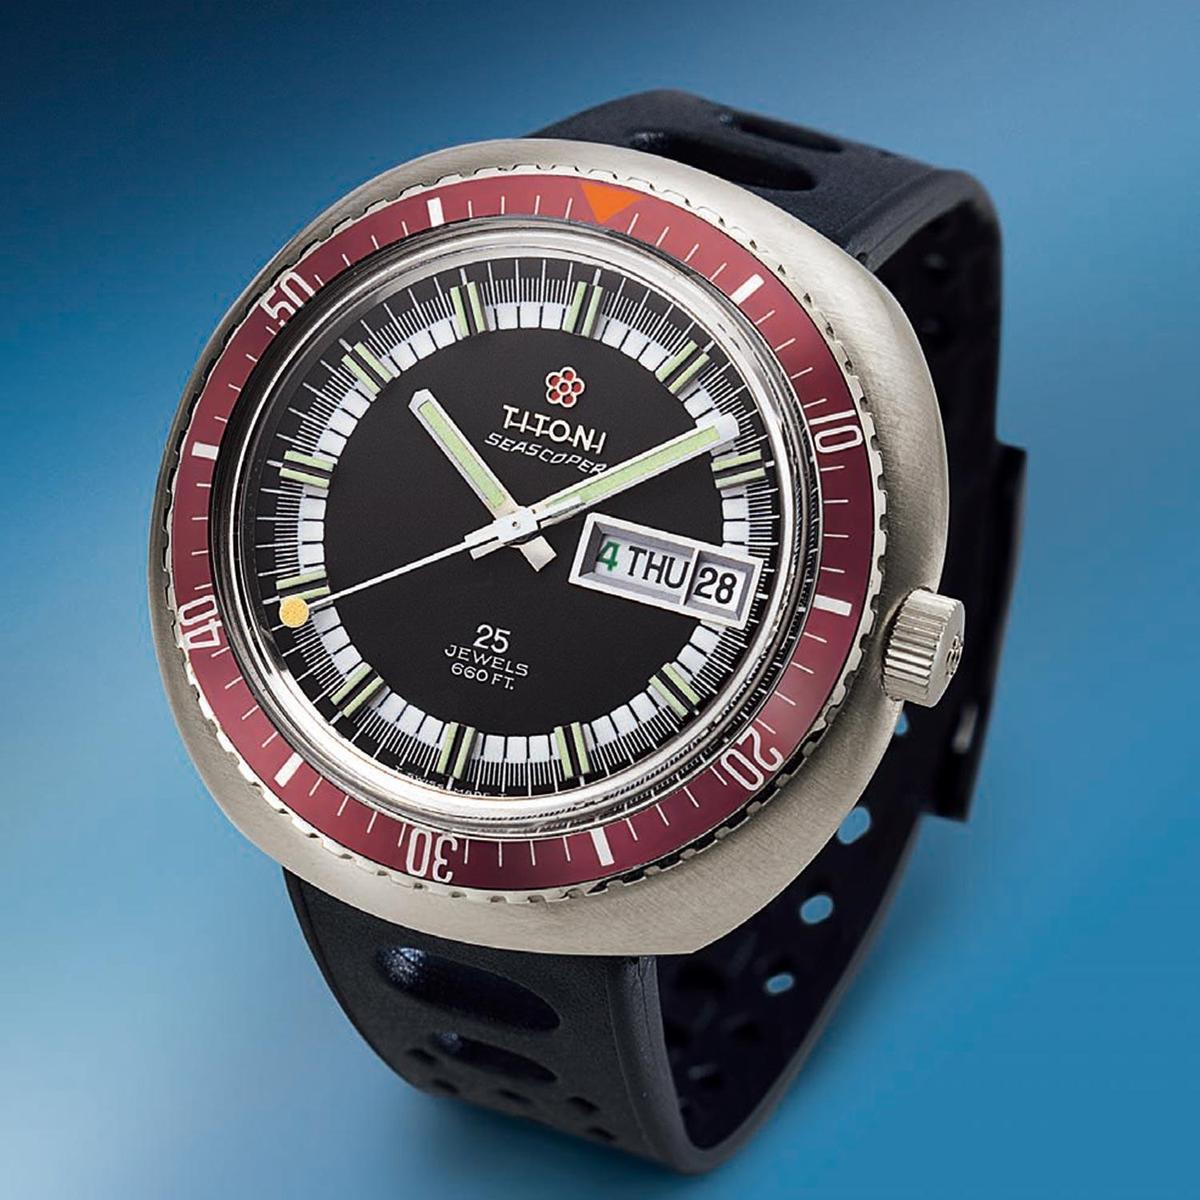 梅花錶在70年代所製作的Seascoper潛水錶。